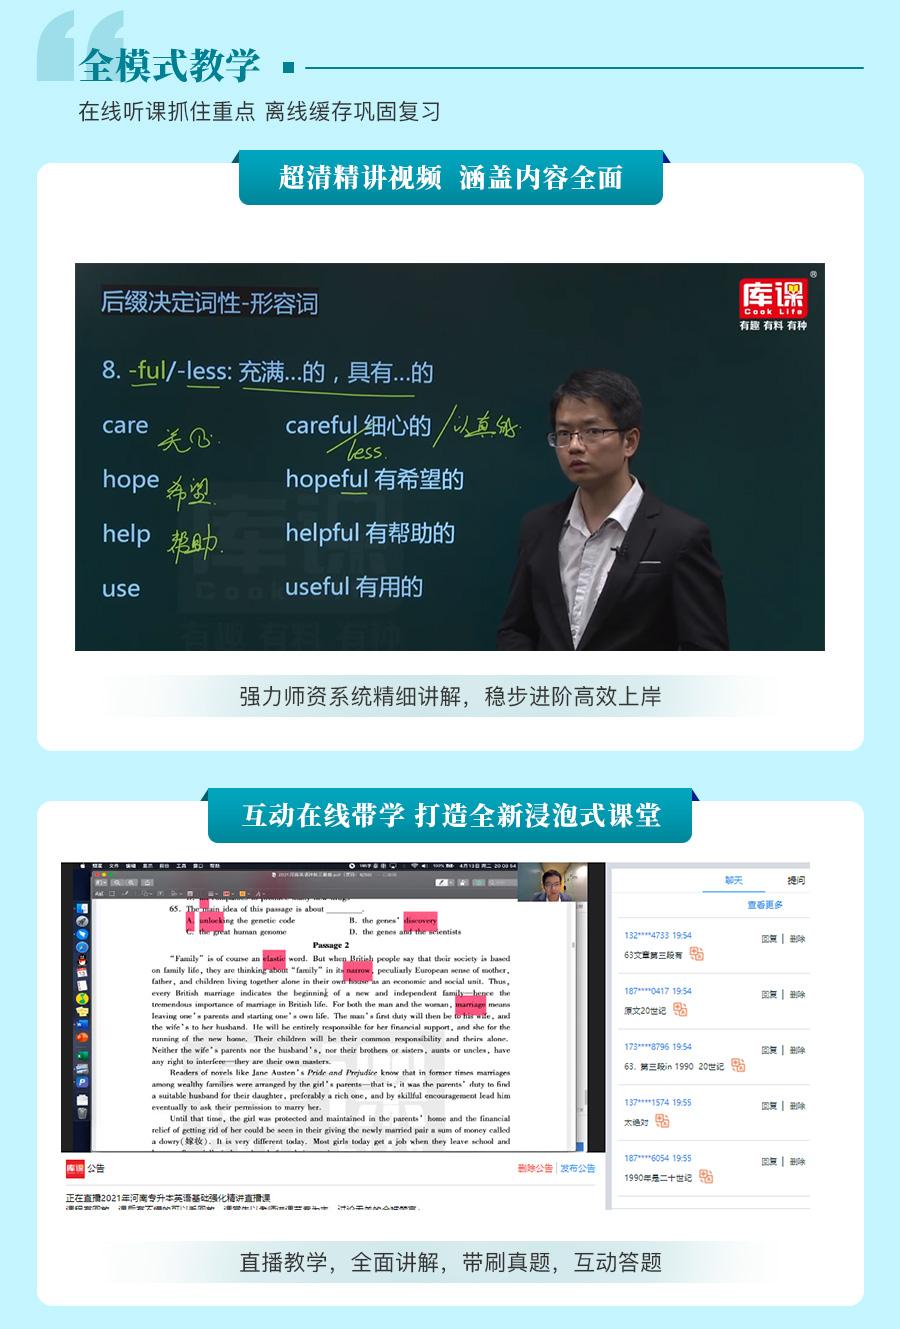 河南-vip-英语+管理_04.jpg